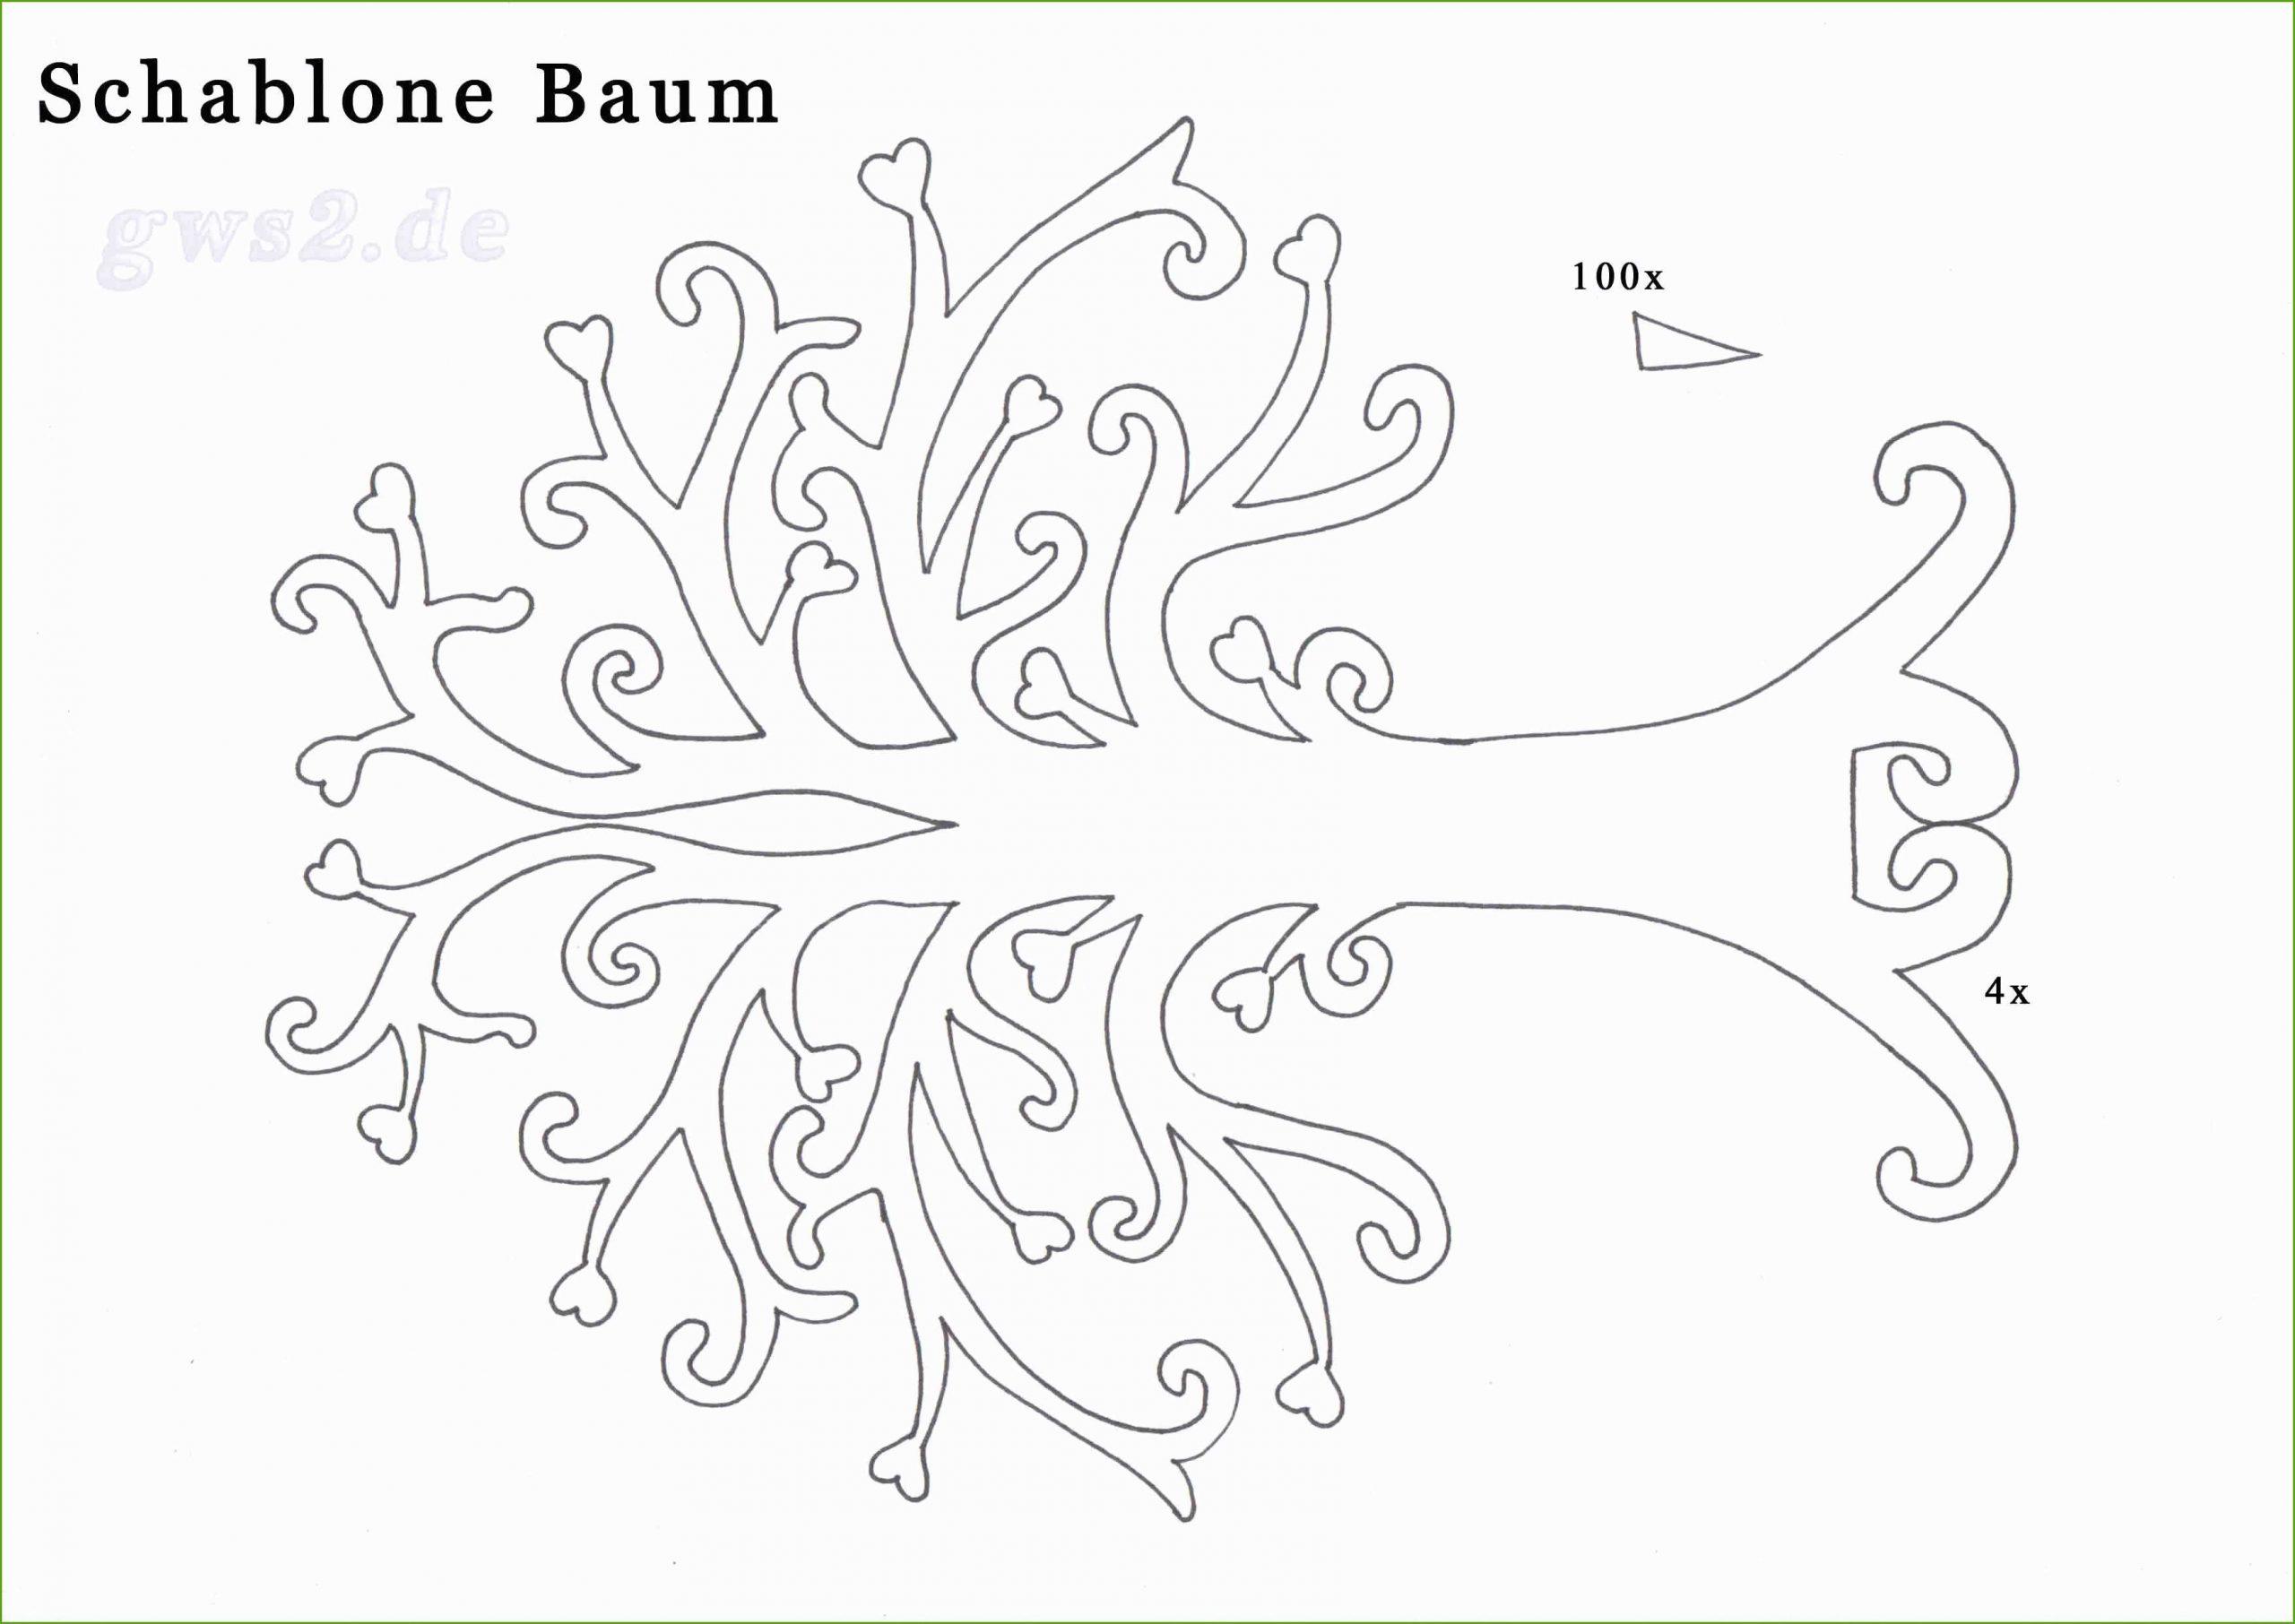 Blätter Vorlagen Zum Ausschneiden Wunderbar Baum Basteln bestimmt für Bastelvorlage Baum